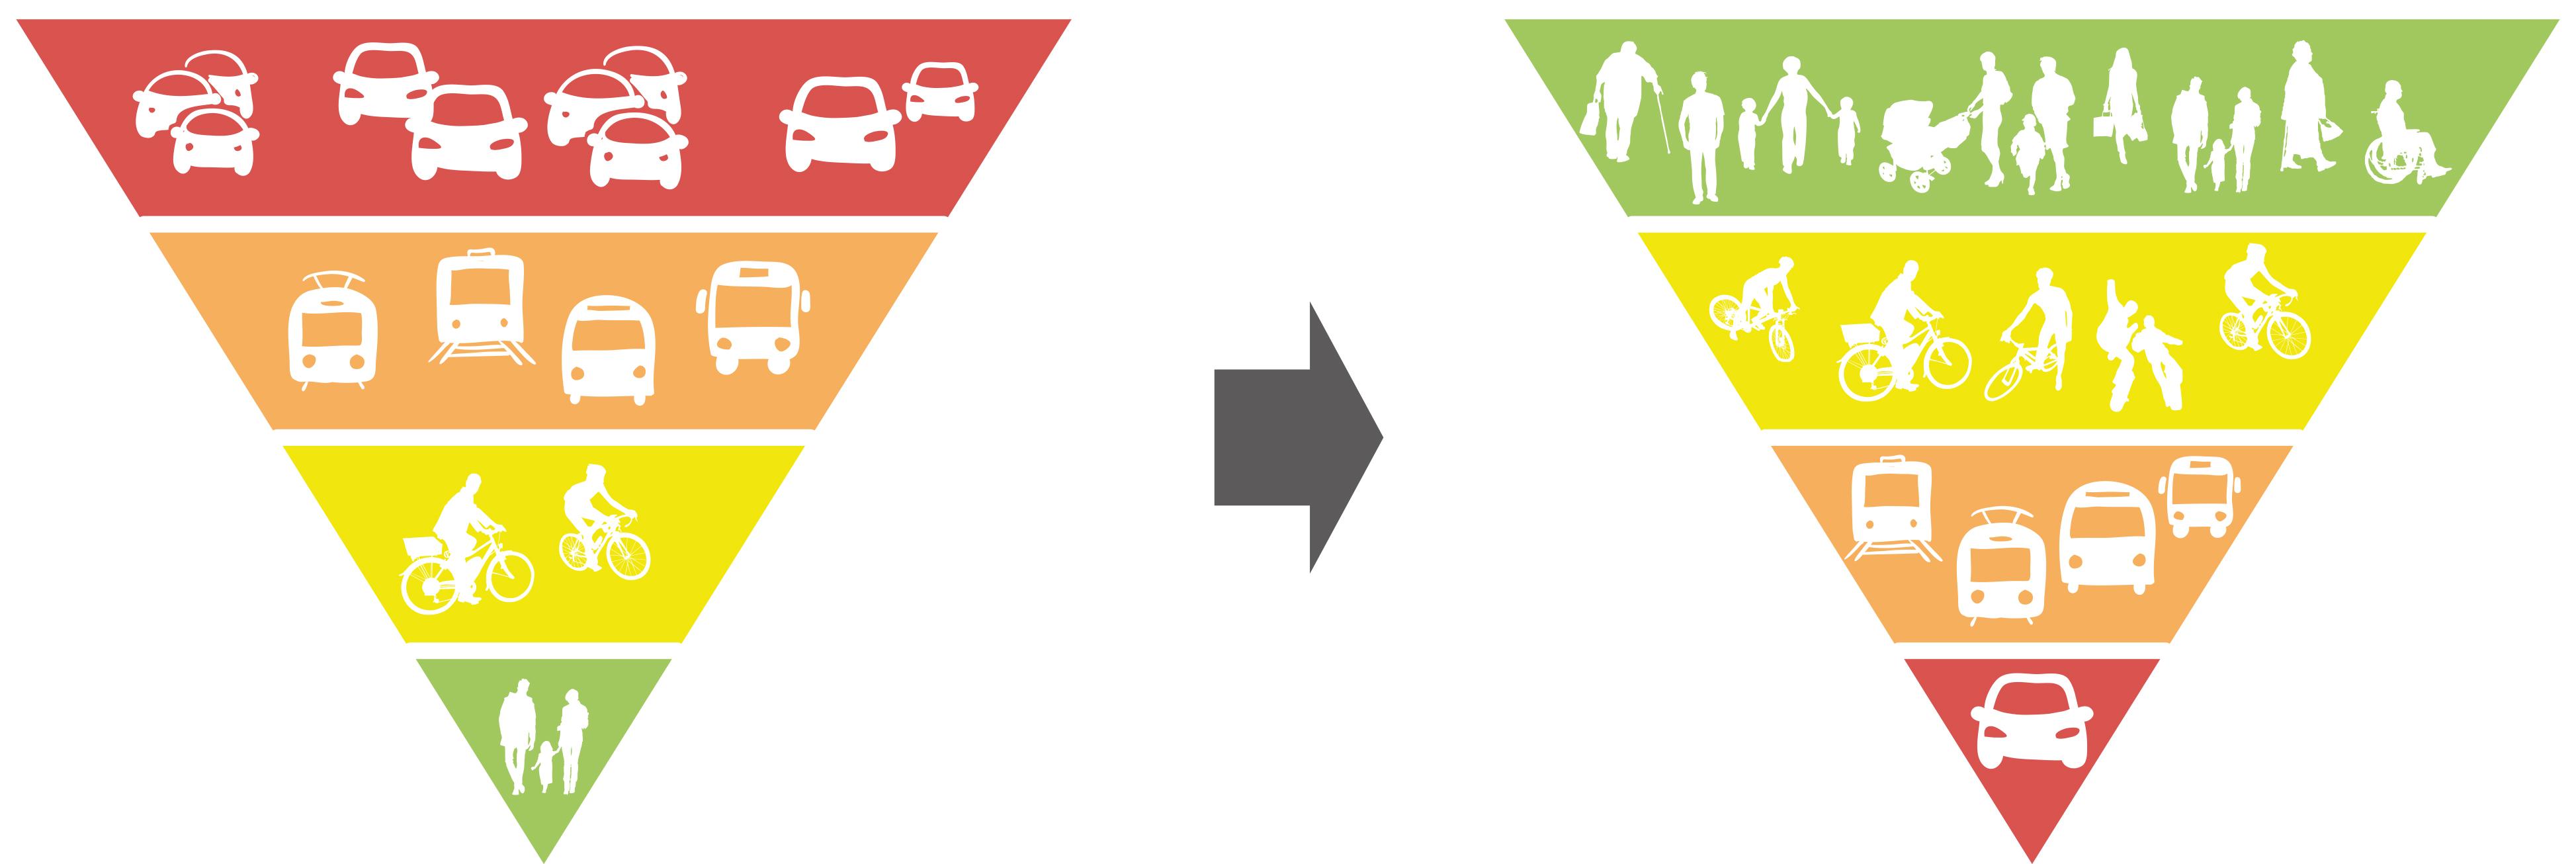 Поставяне на правилни приоритети в обърнатата пирамида на начините за градско придвижване. Източник: авторът